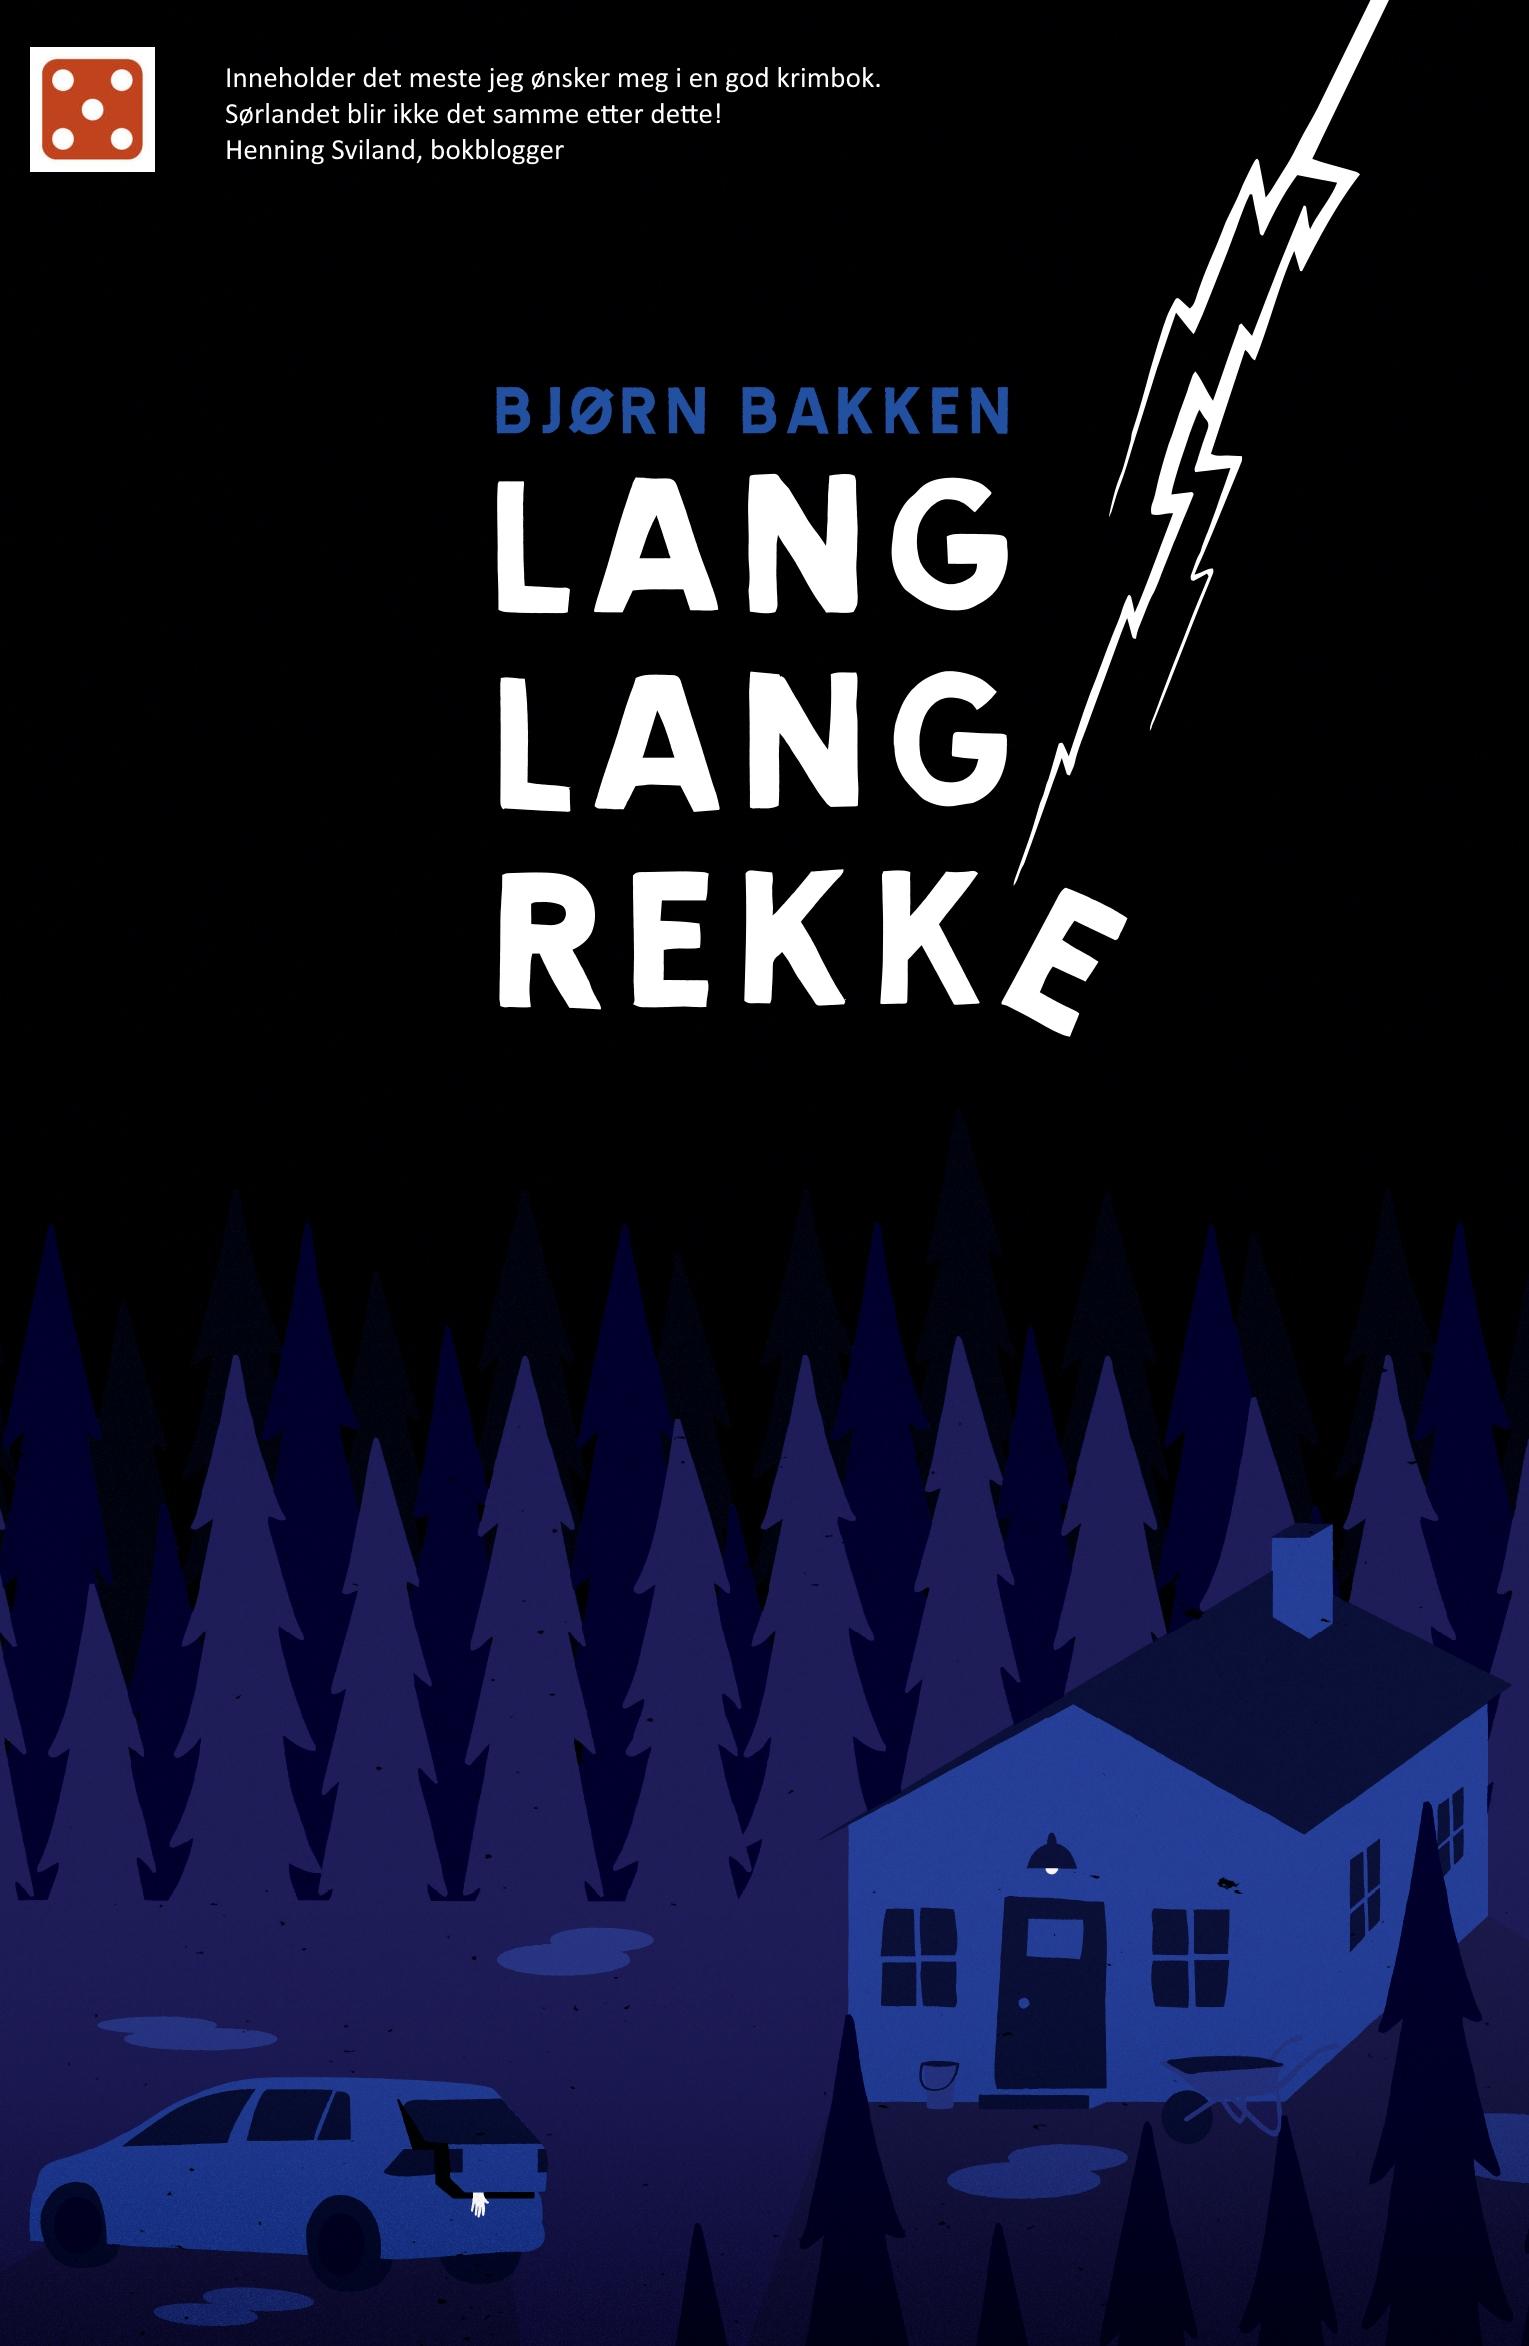 """""""Lang lang rekke"""" av Bjørn Bakken"""